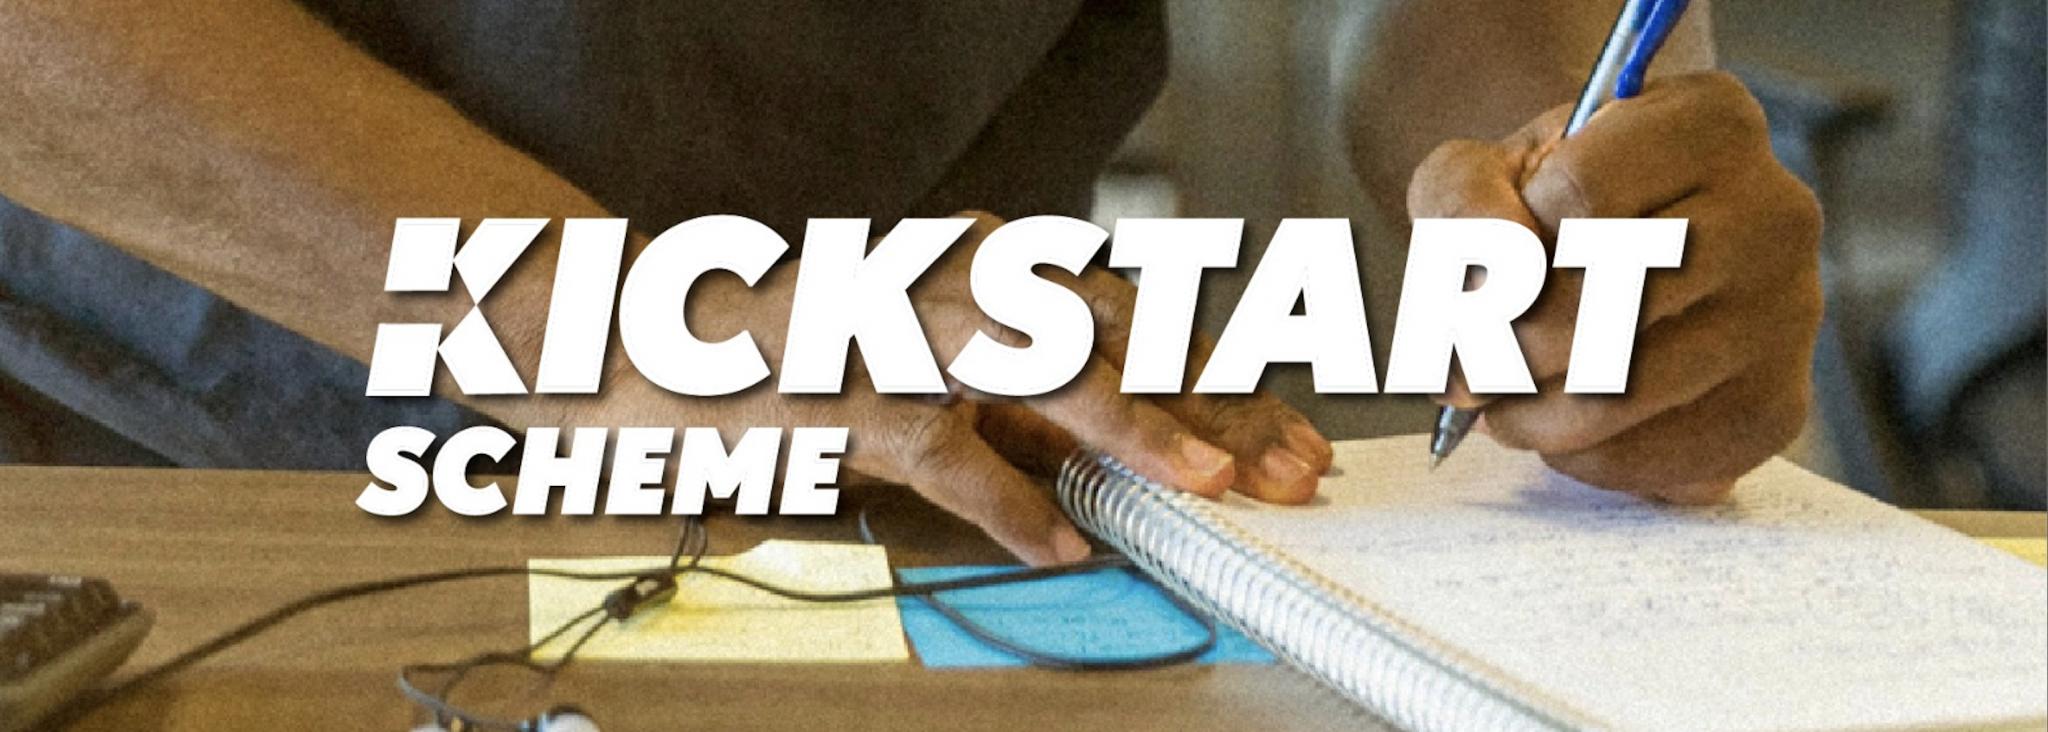 KickStart Scheme Logo –Women Who Count, Bookkeeping & Payroll Services in Kent.